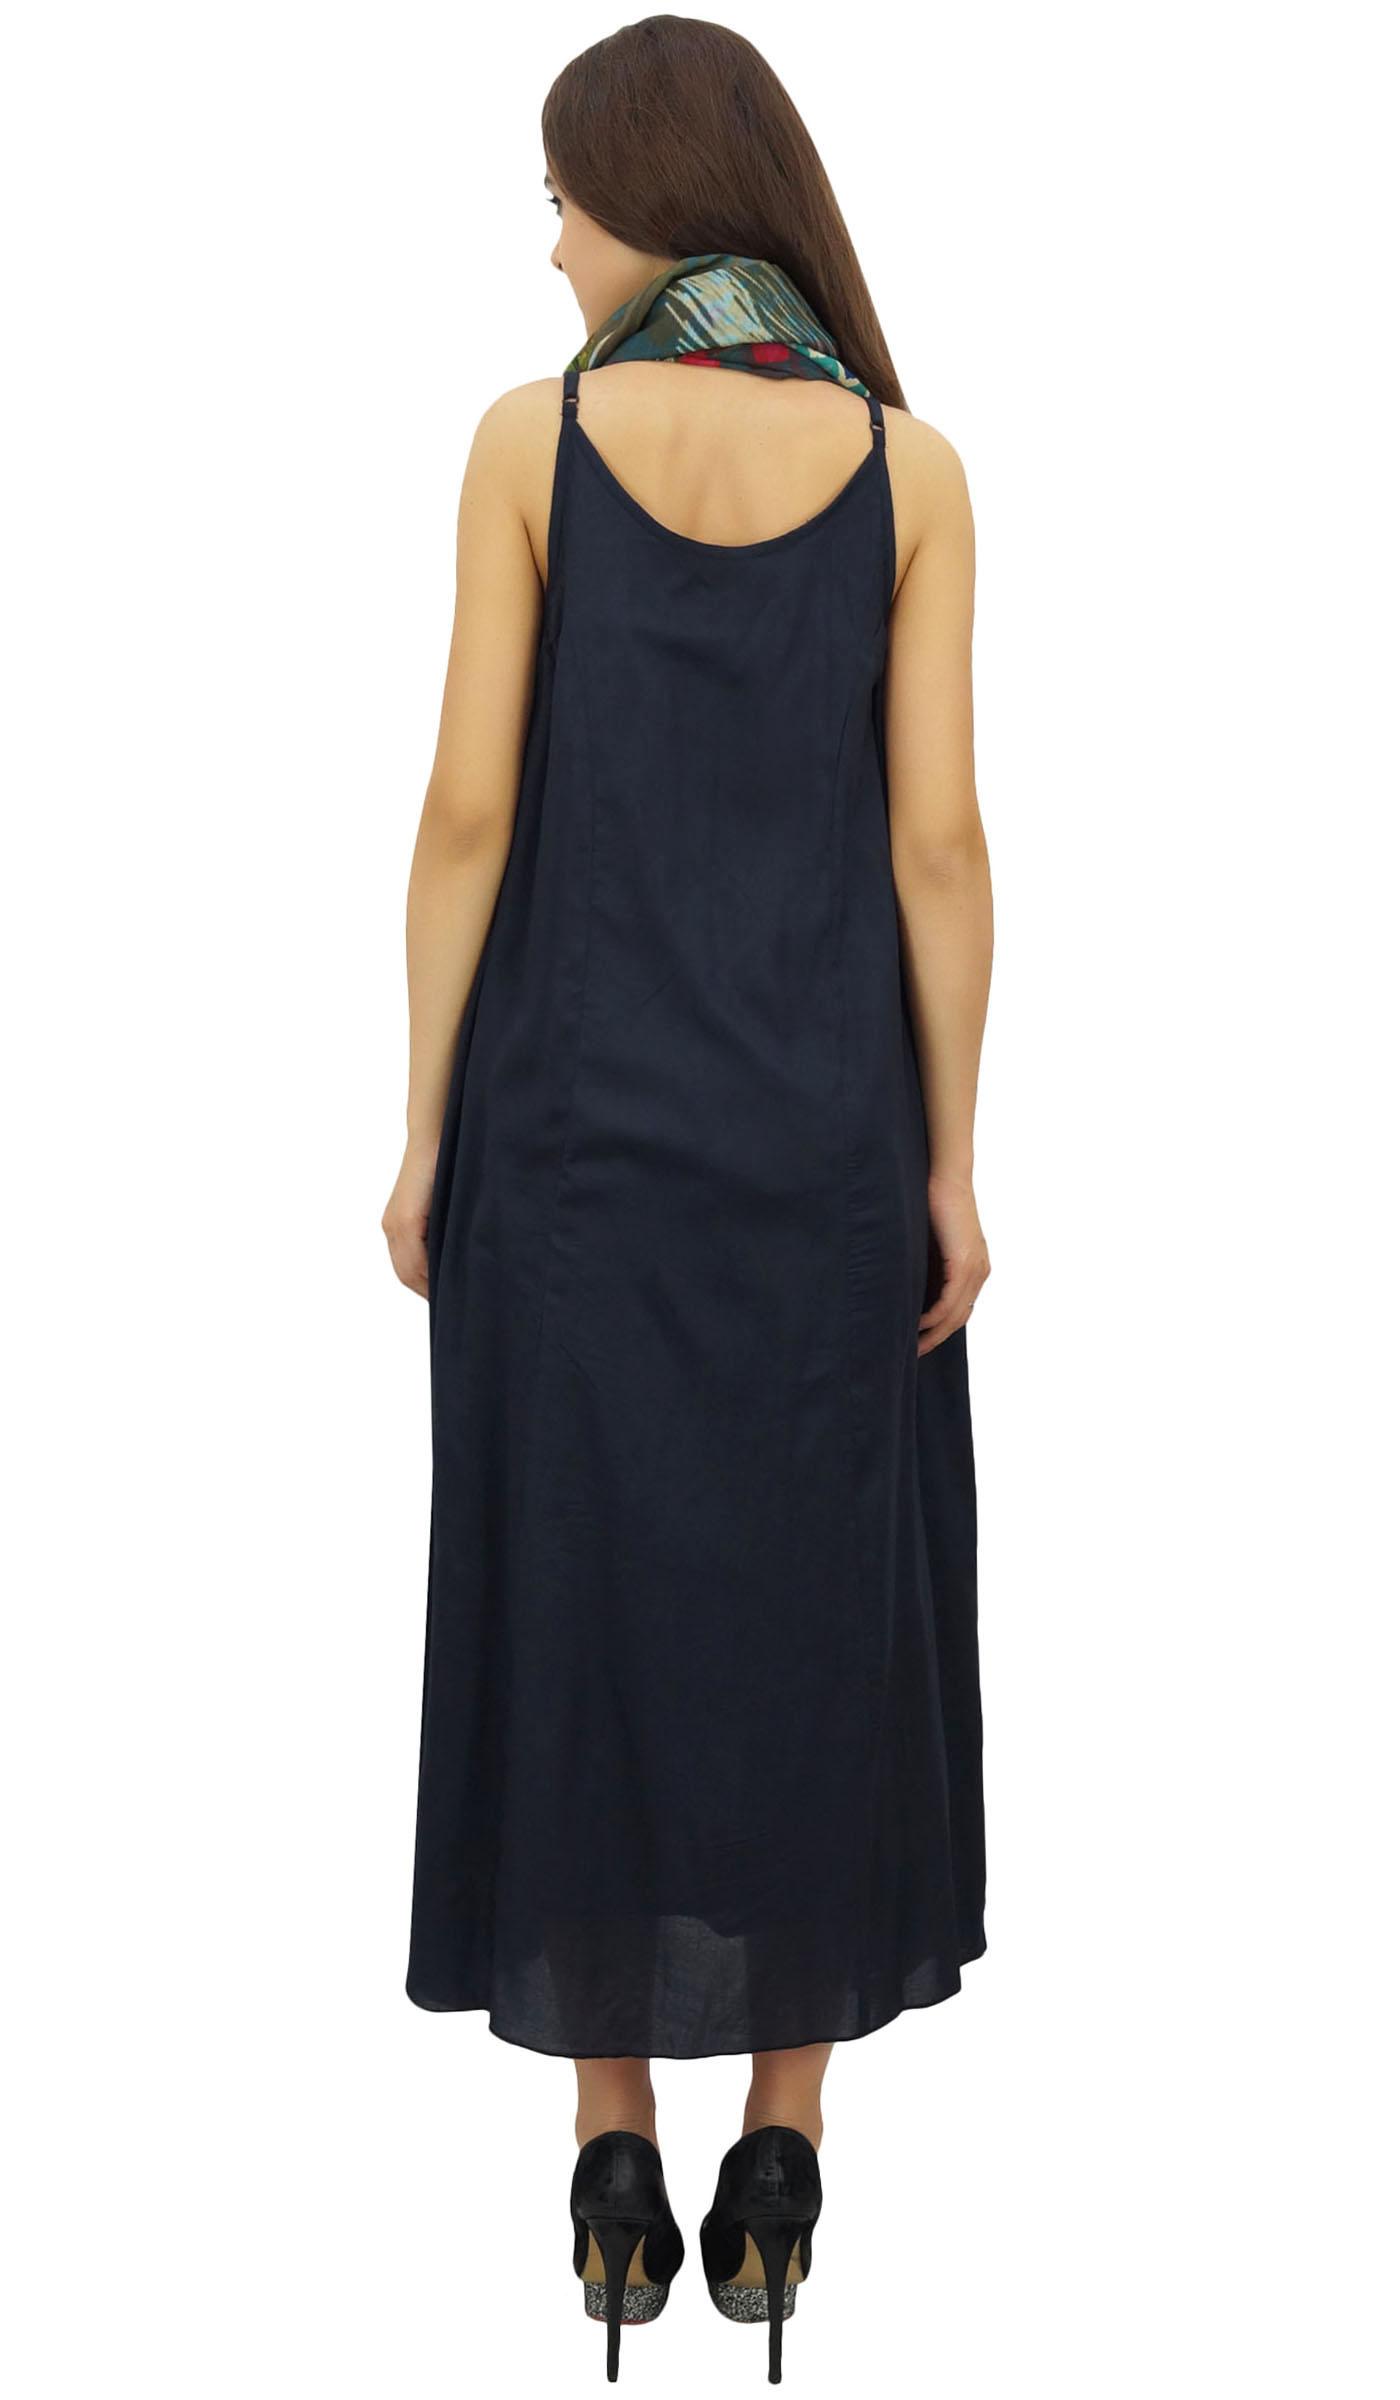 Indexbild 4 - Bimba Damen Designer Marineblaues Kleid Mit Floral Bedrucktem Schal-wbh